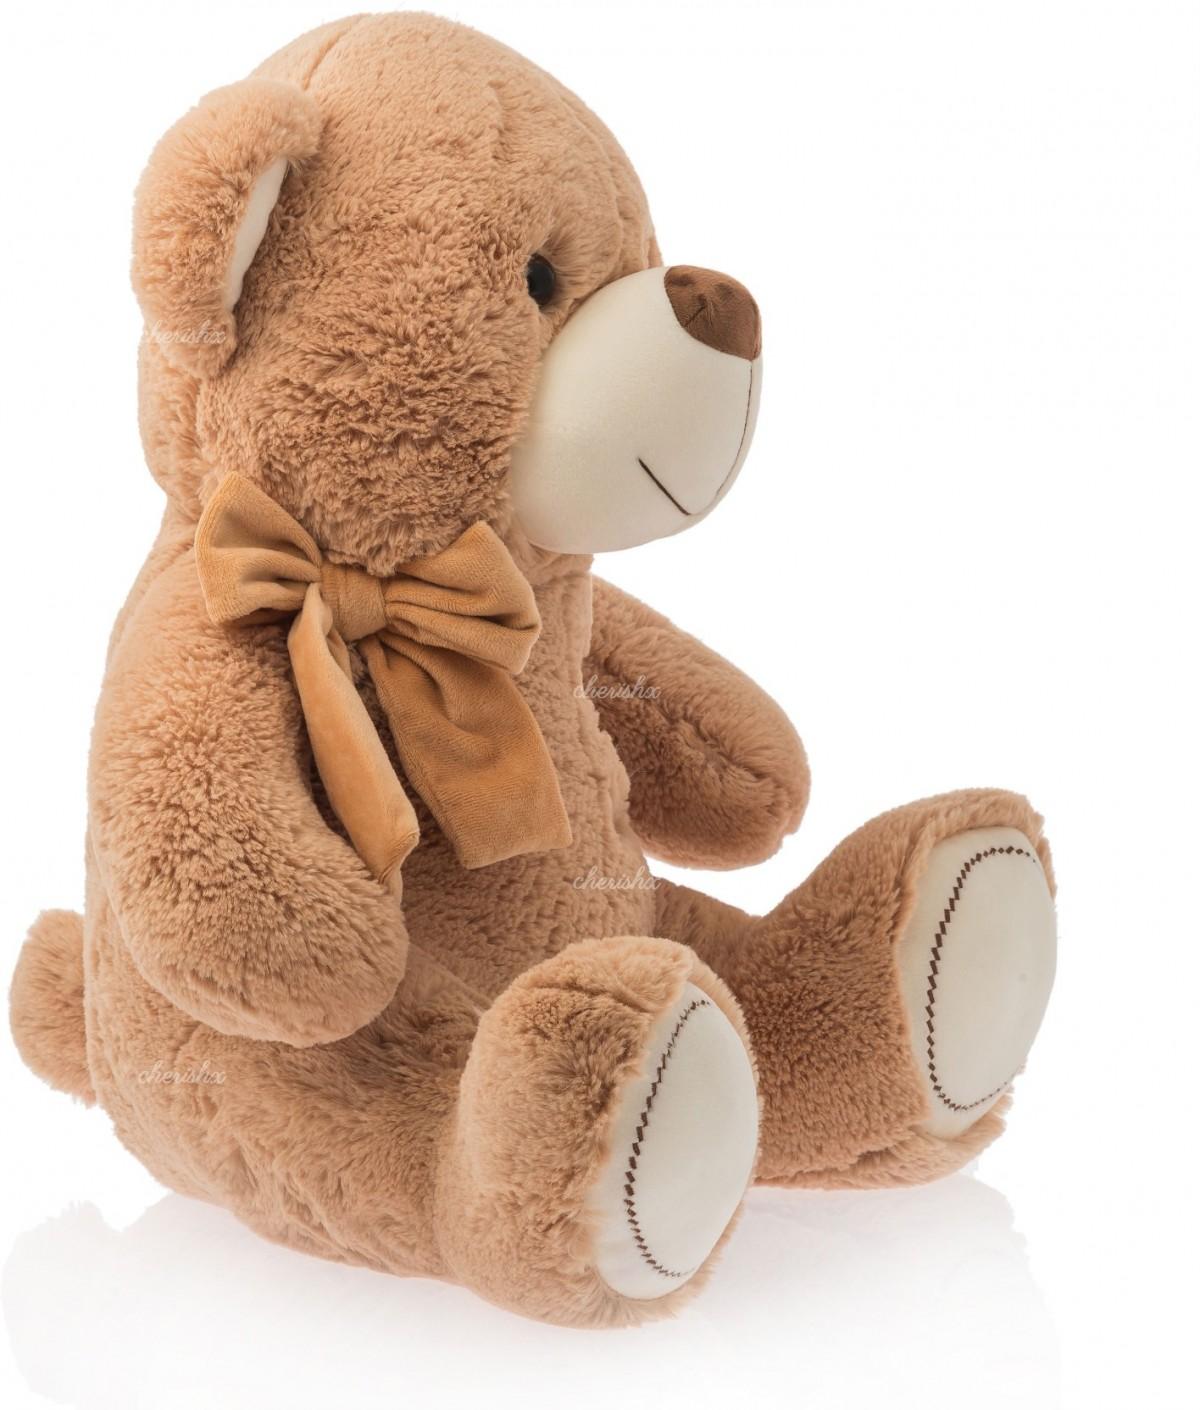 Fluffy Teddy Bear for Gifting